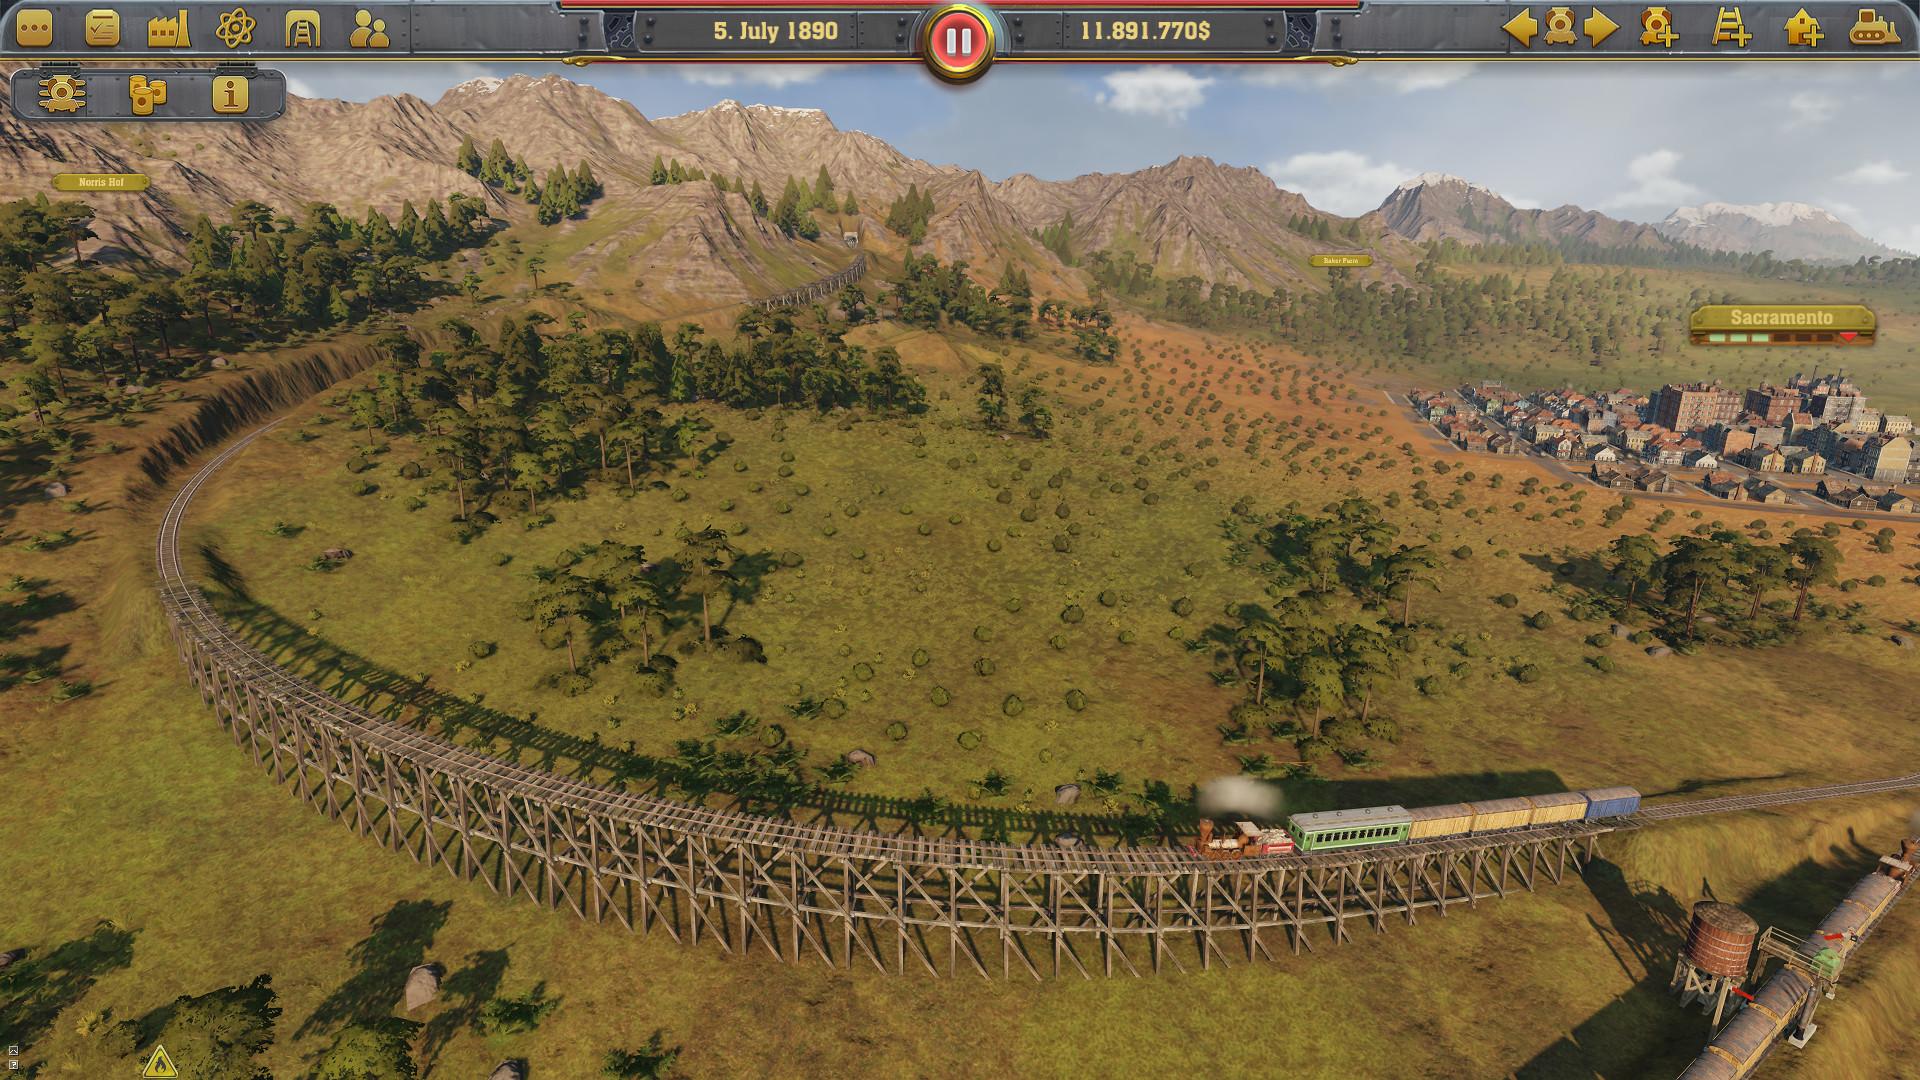 Útoky, sabotáže a průmyslová špionáž v Railway Empire 146078